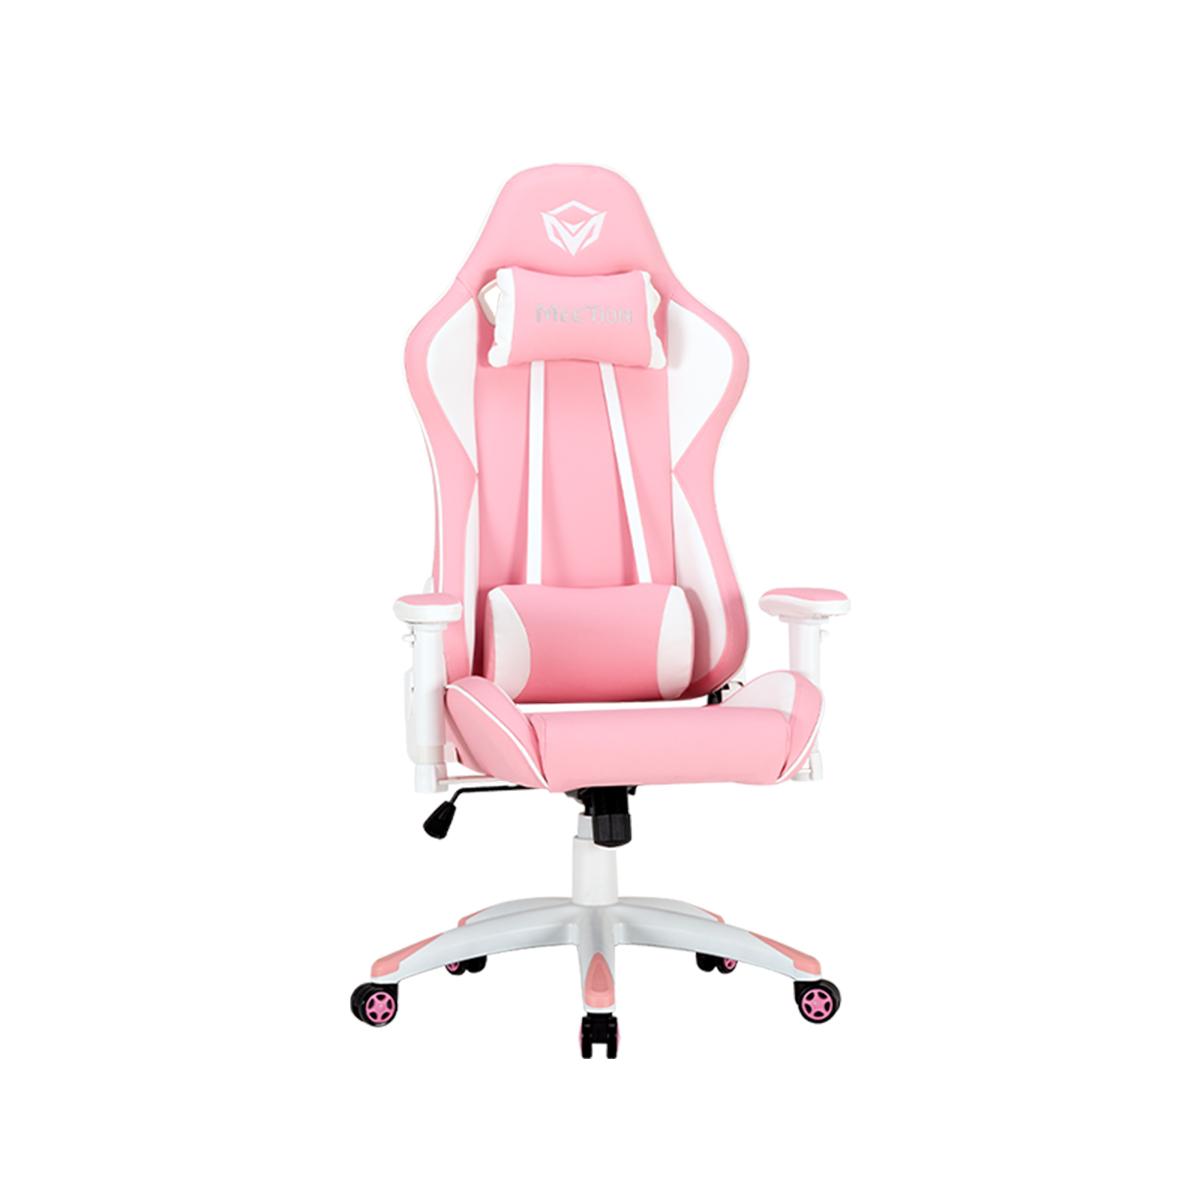 صندلی گیمینگ میشن مدل chr16